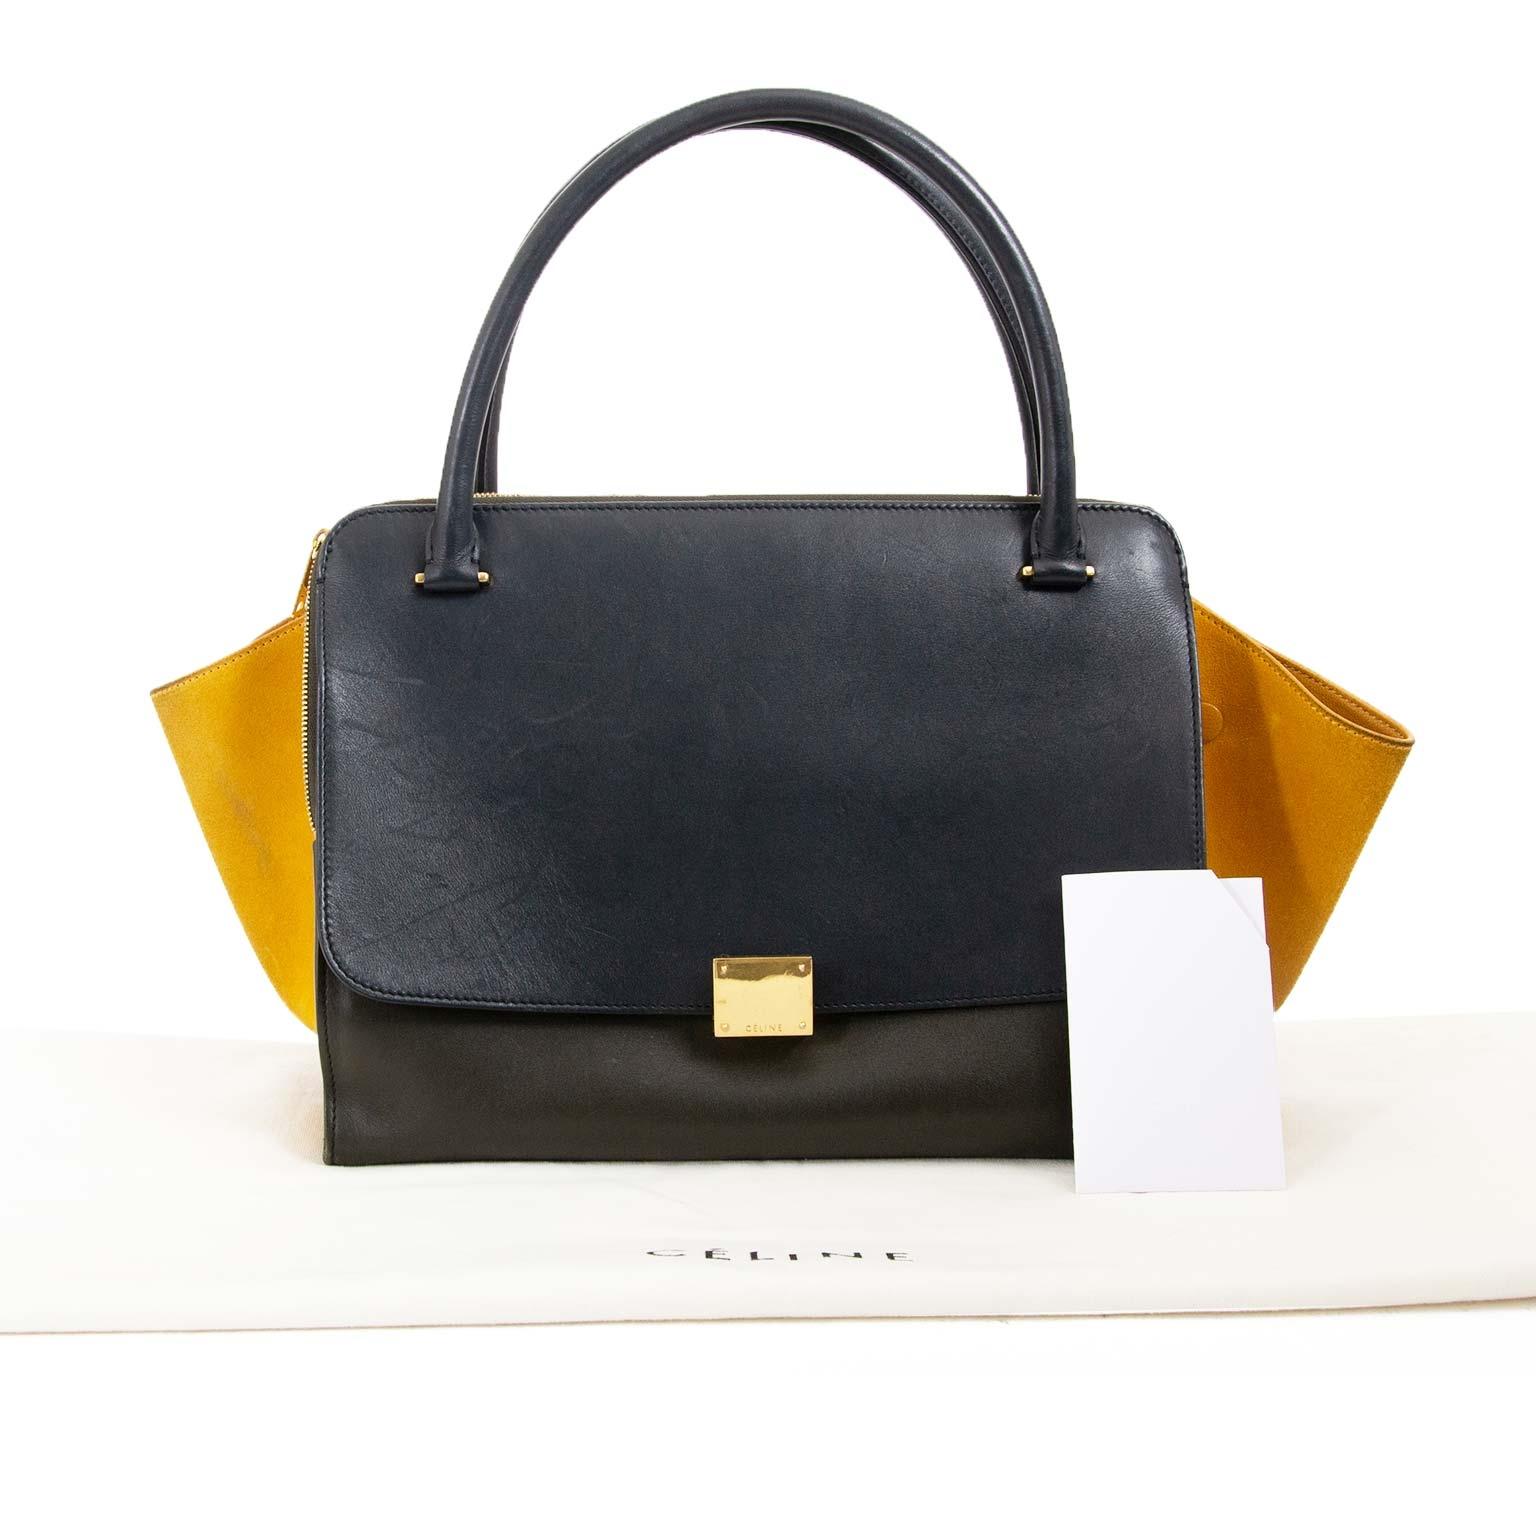 Koop en verkoop authentieke designer handtassen Céline Multicolor Double Zipper Bag